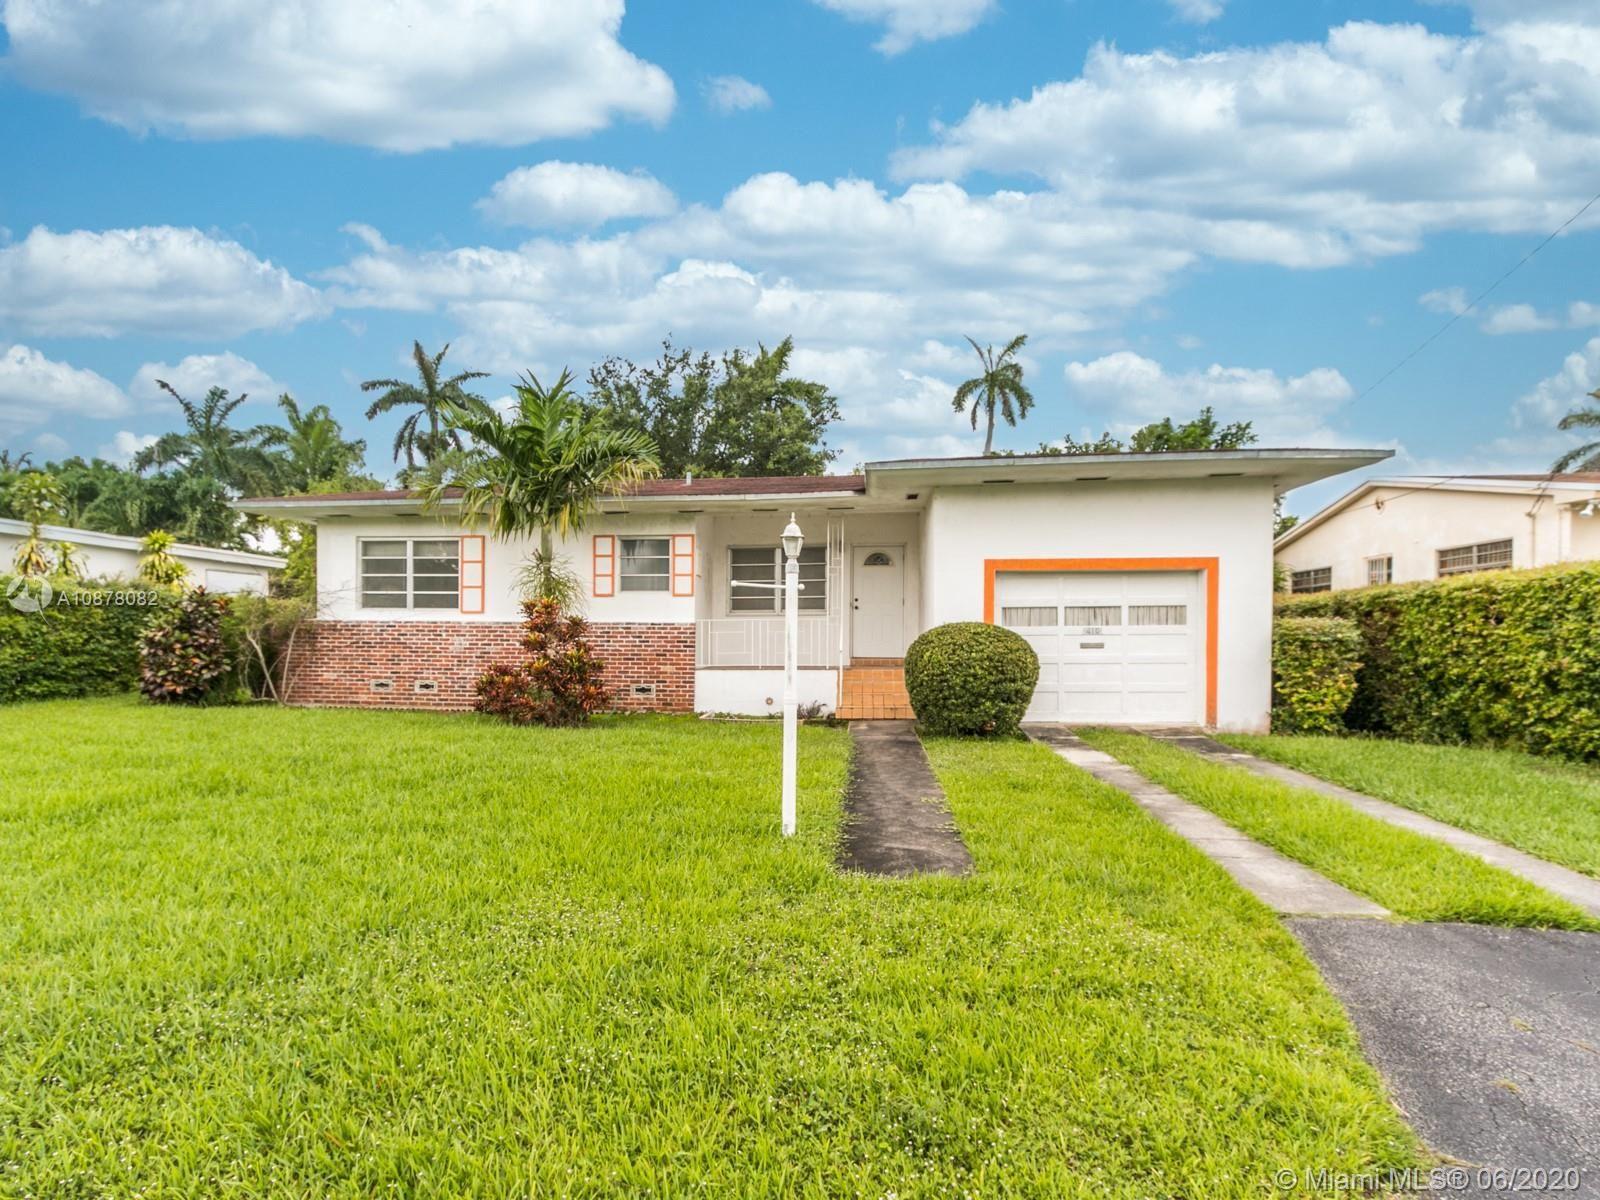 410 NE 116 ST, Miami, FL 33161 - #: A10878082